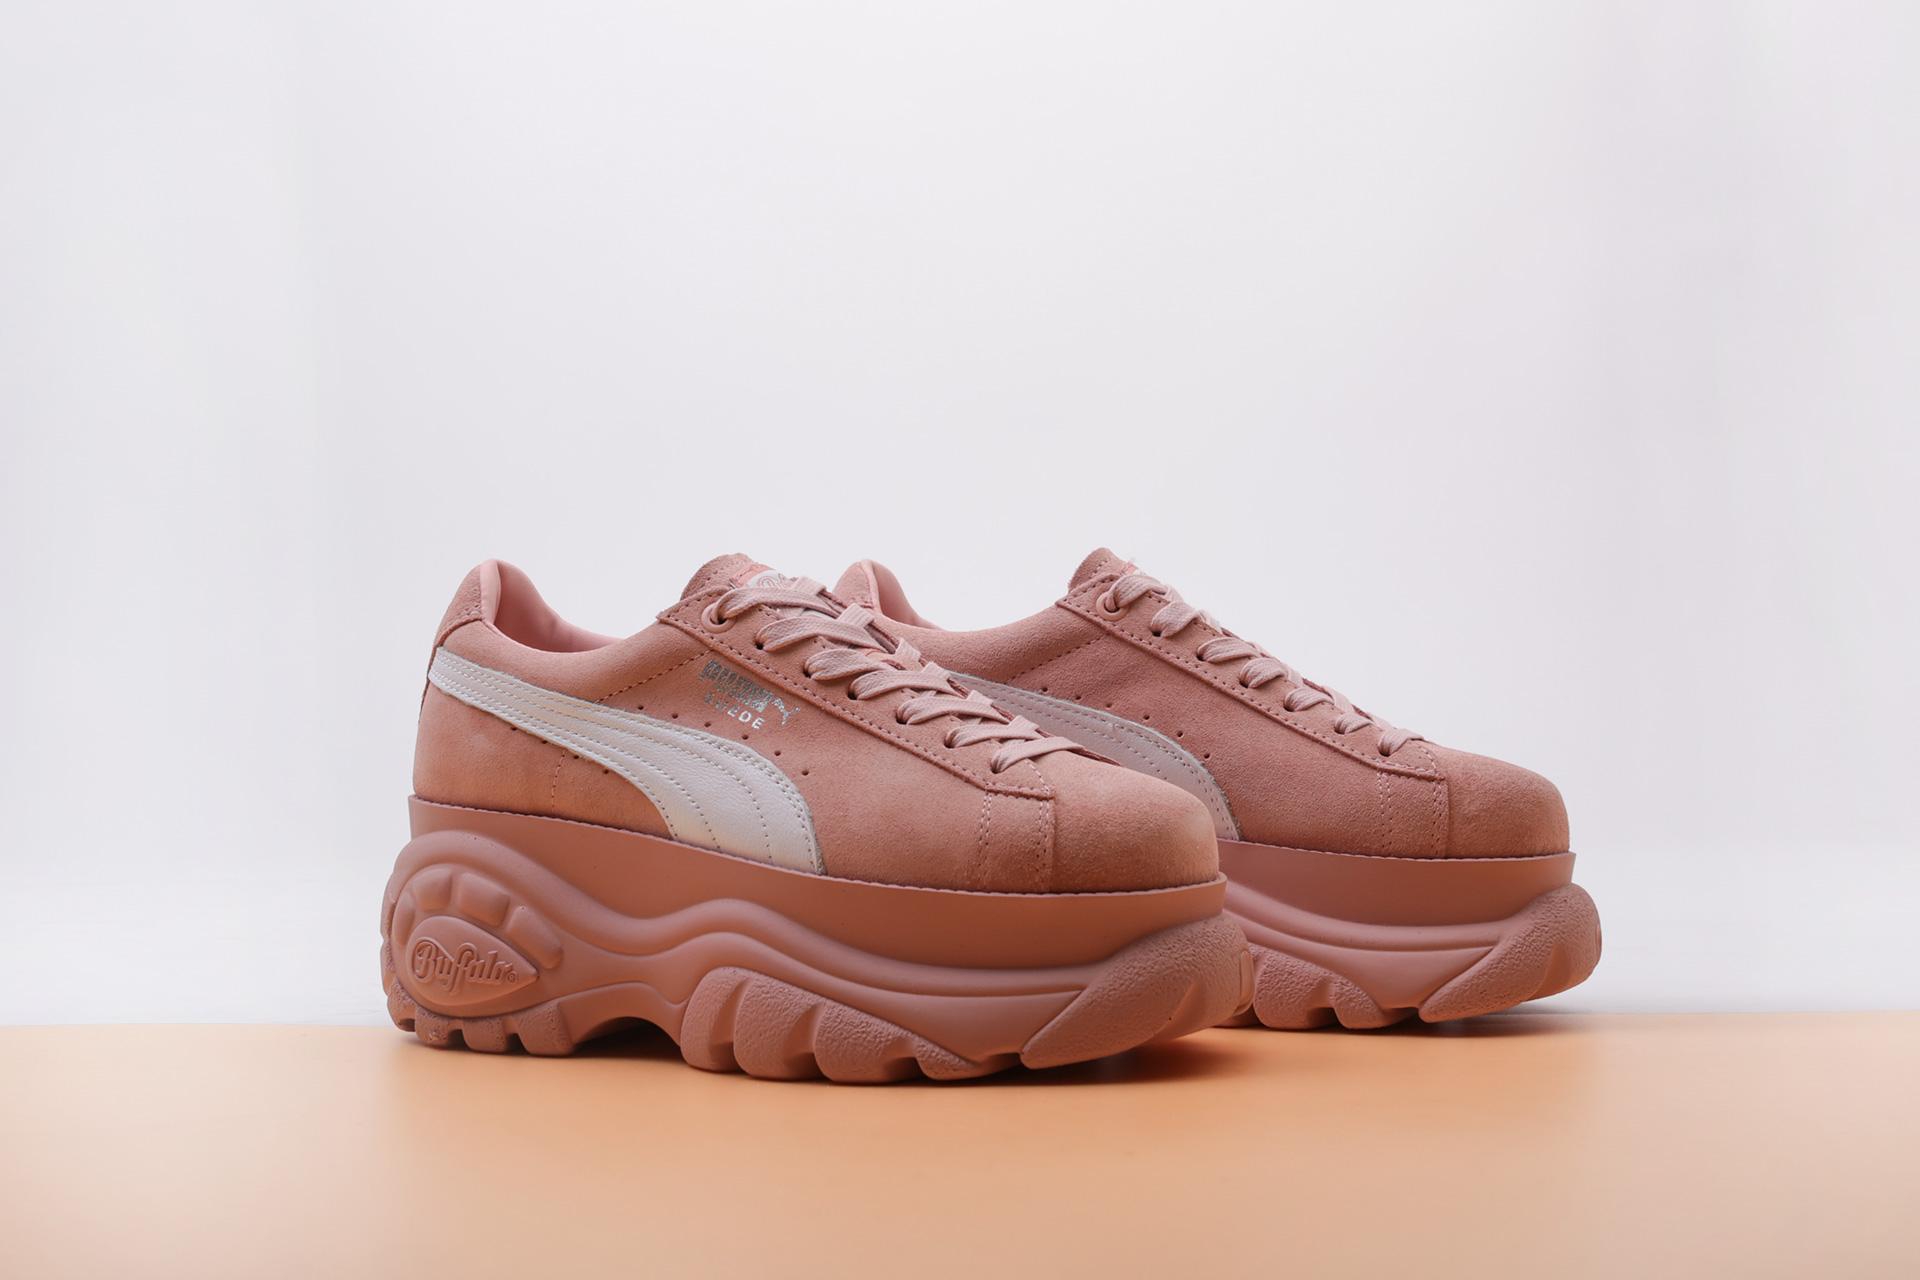 c1c9cd4e Купить розовые женские кроссовки Suede Classic x Buffalo от PUMA ...